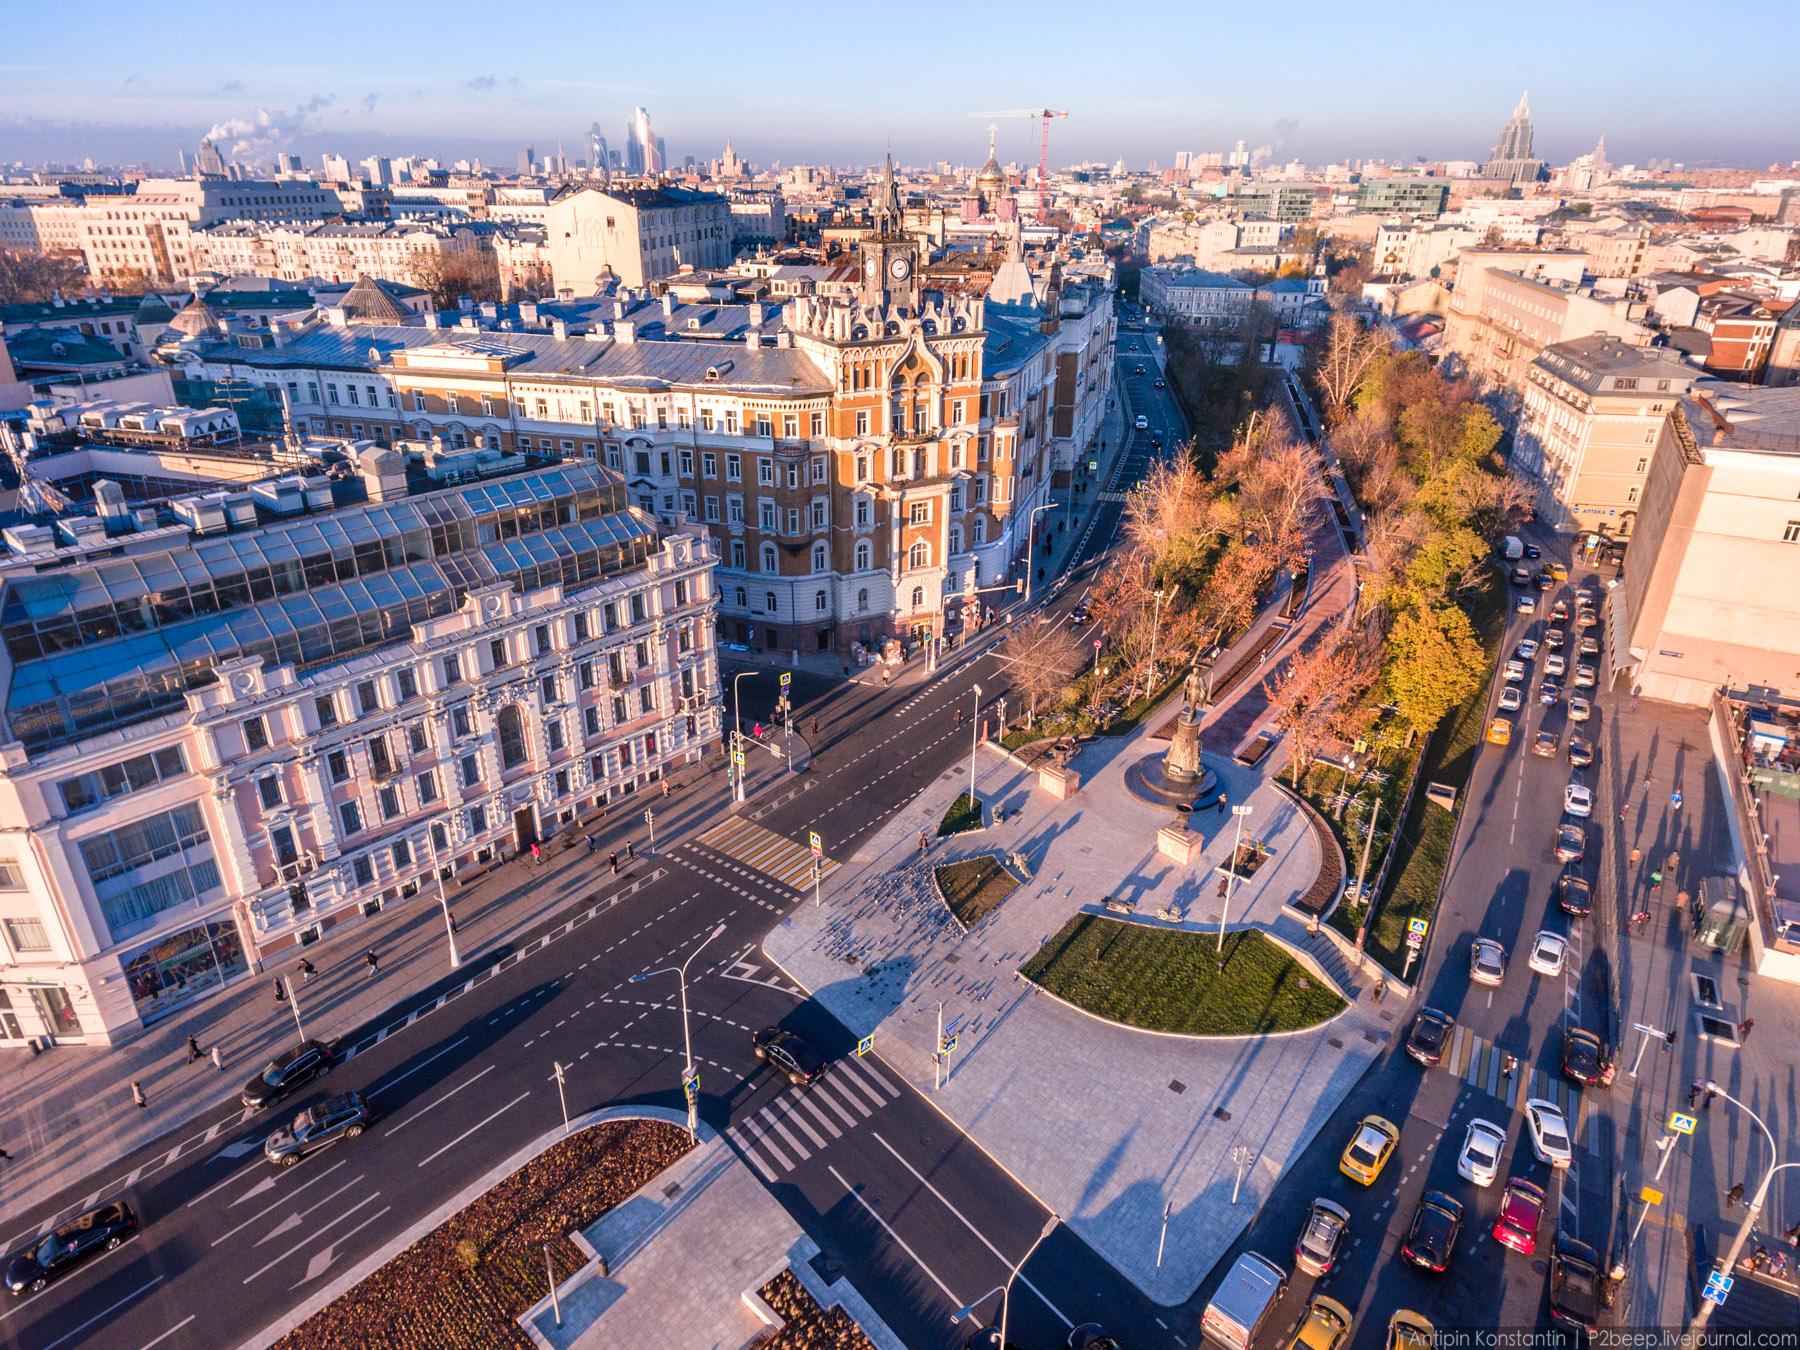 Фотограф полгода снимал Москву с коптера...